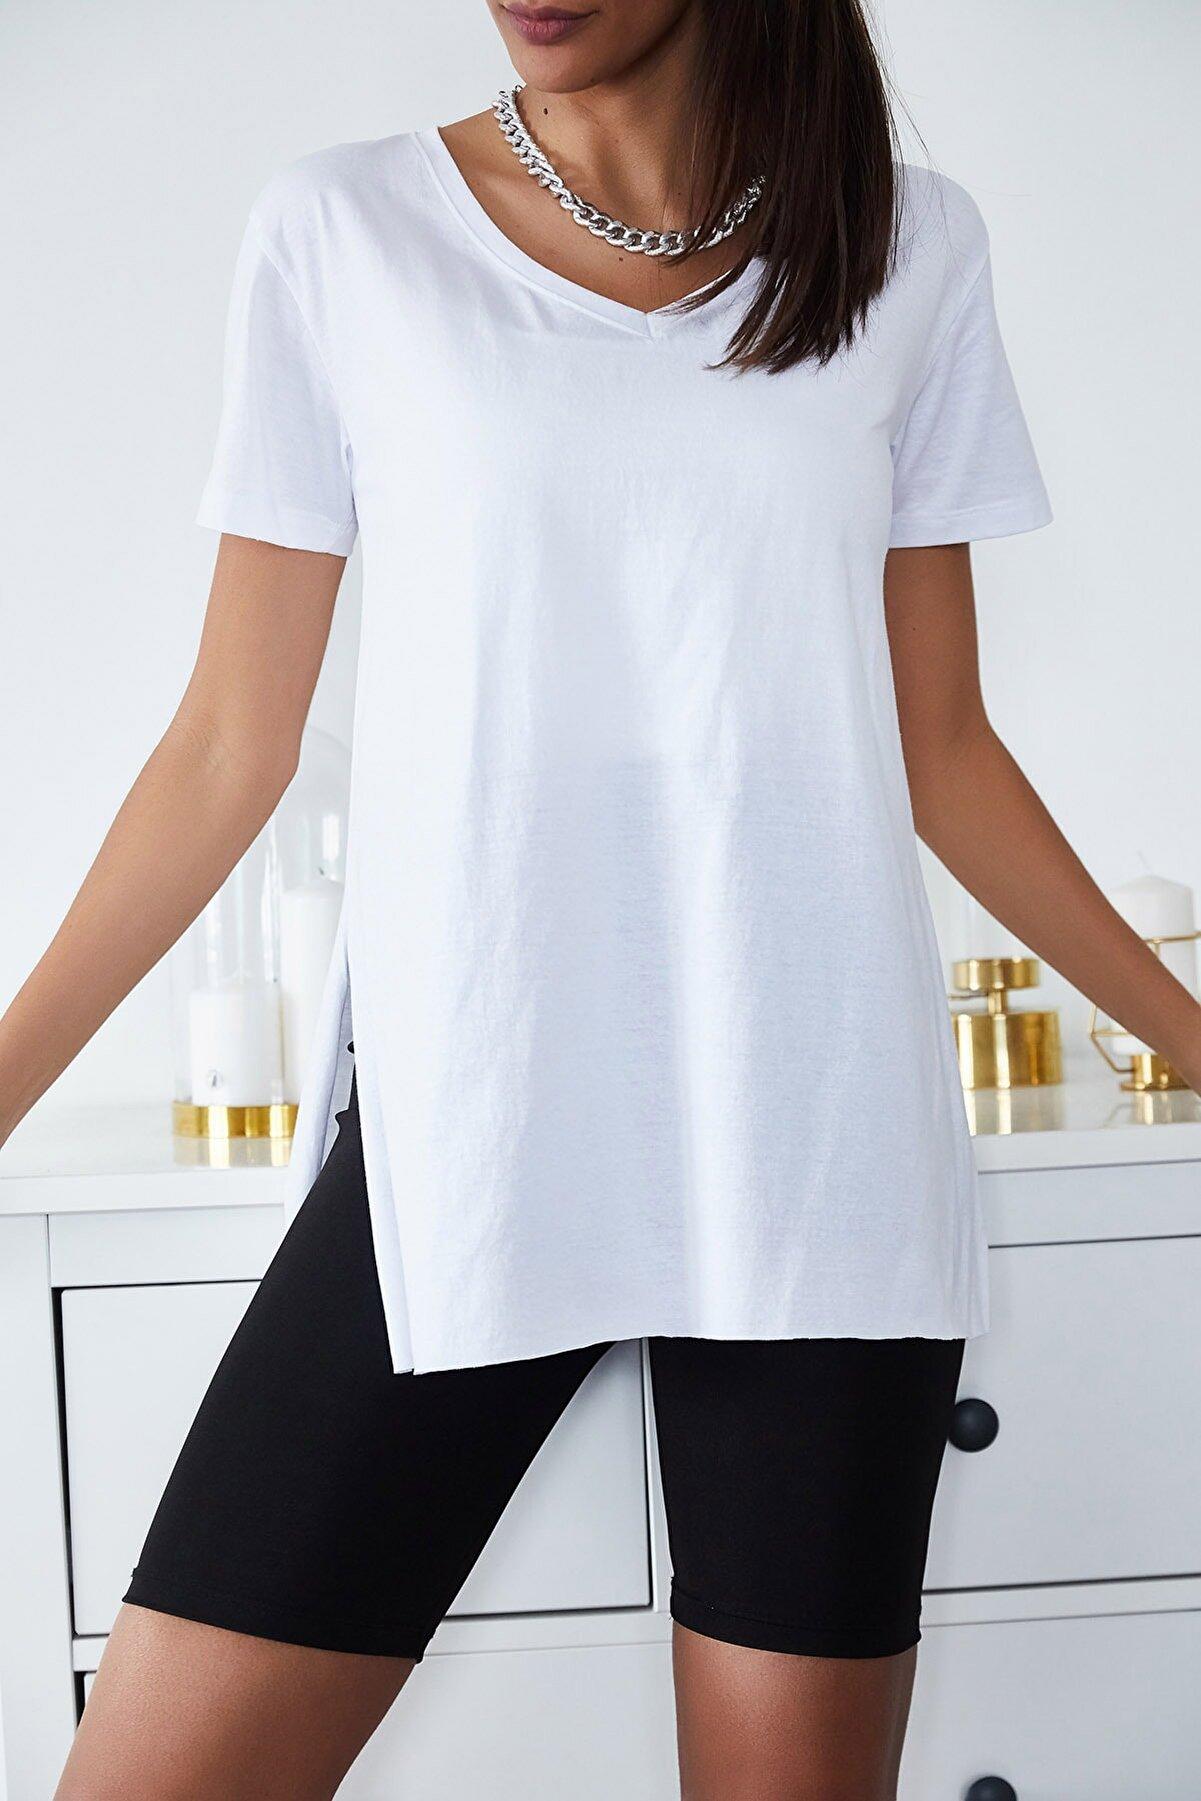 Xena Kadın Beyaz Basic V Yaka Yırtmaçlı T-Shirt 1KZK1-11203-01